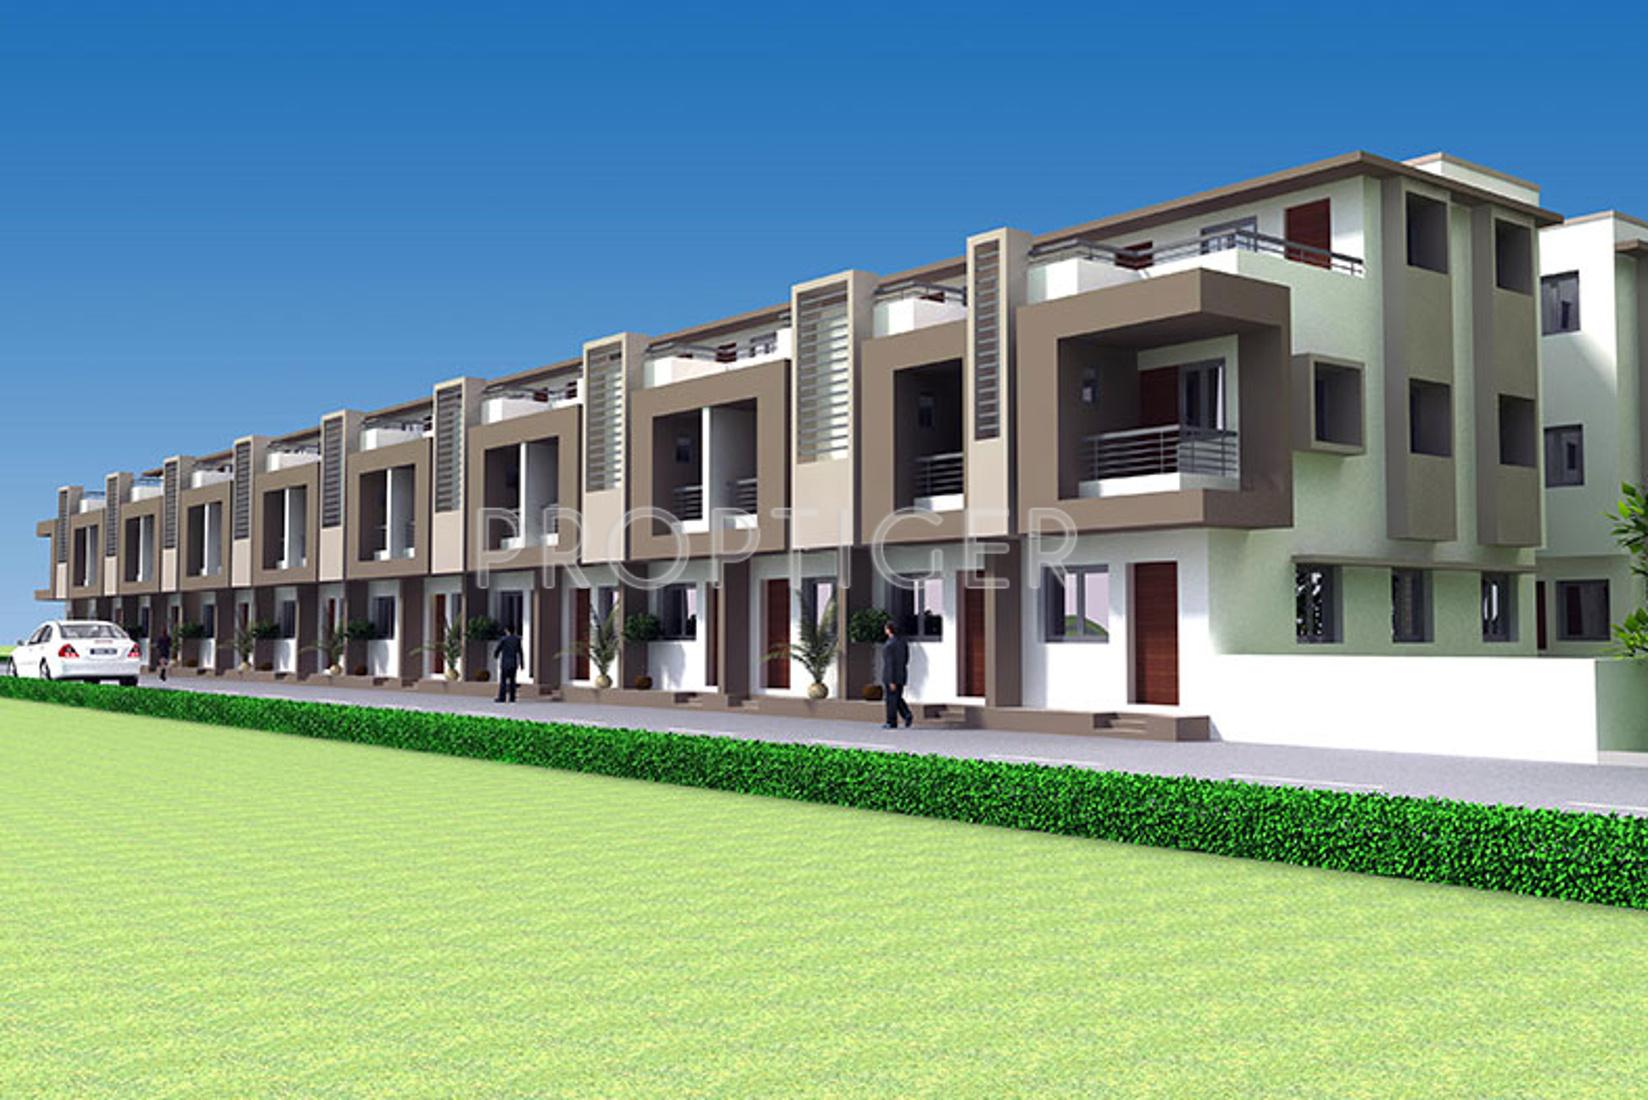 Front Elevation Of House In Ahmedabad : Main elevation image of samruddhi ashray homes unit